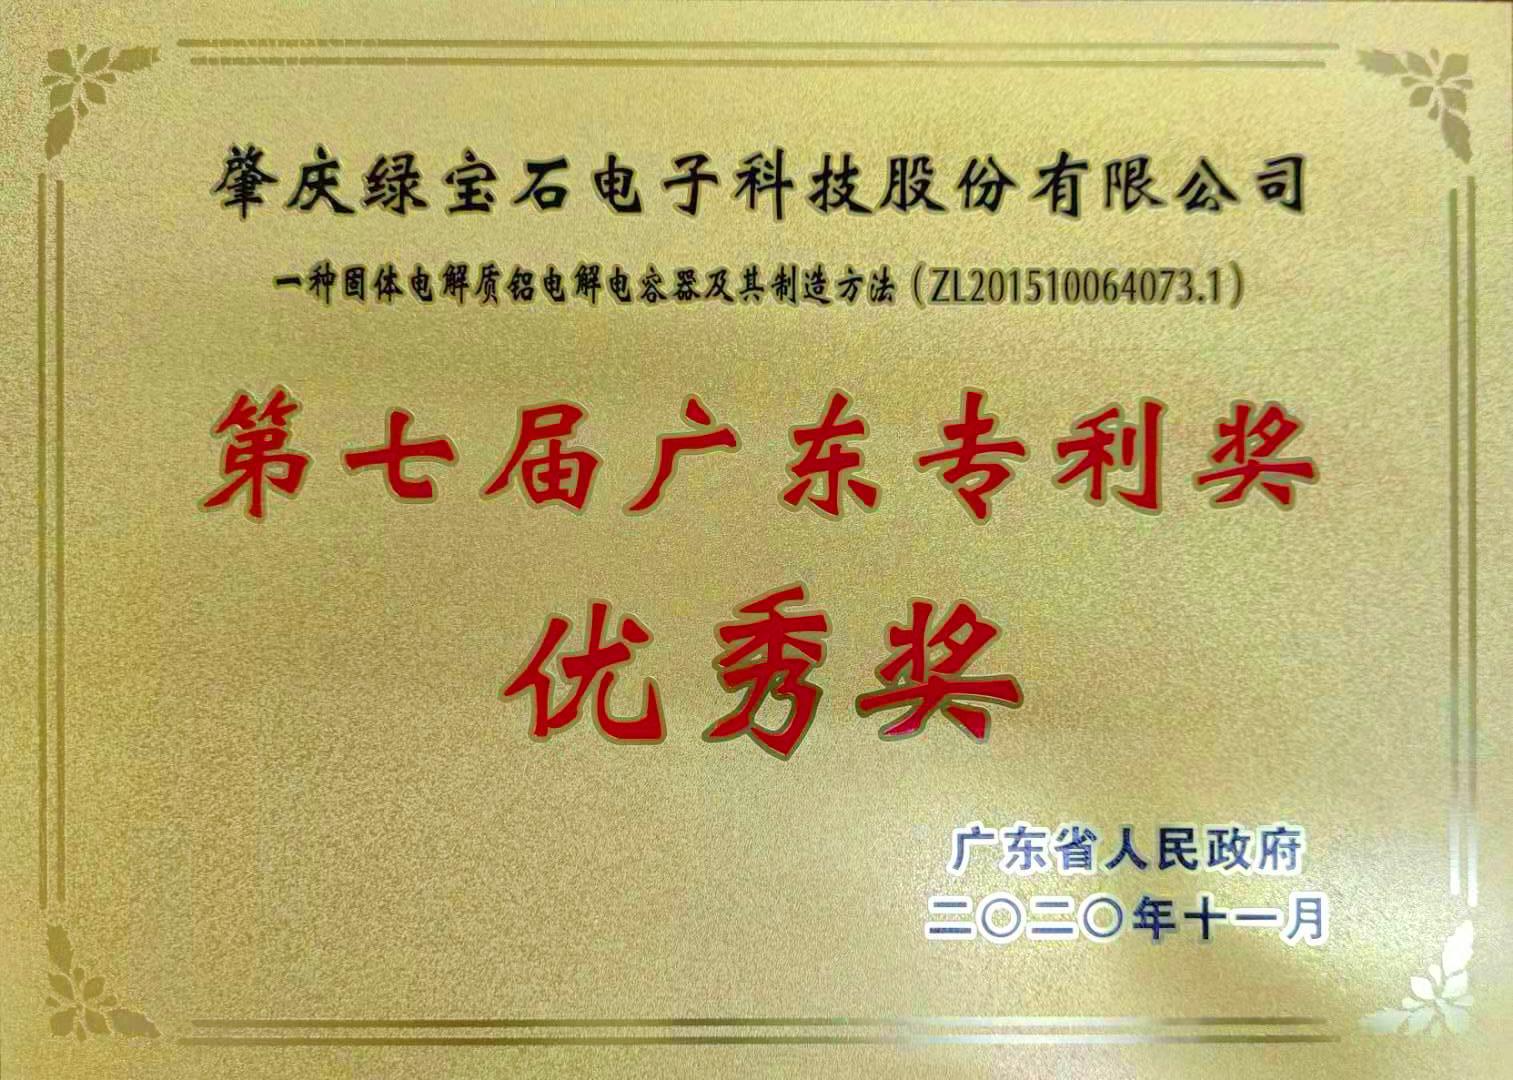 大事記3:2020年榮獲廣東省專利獎優秀獎